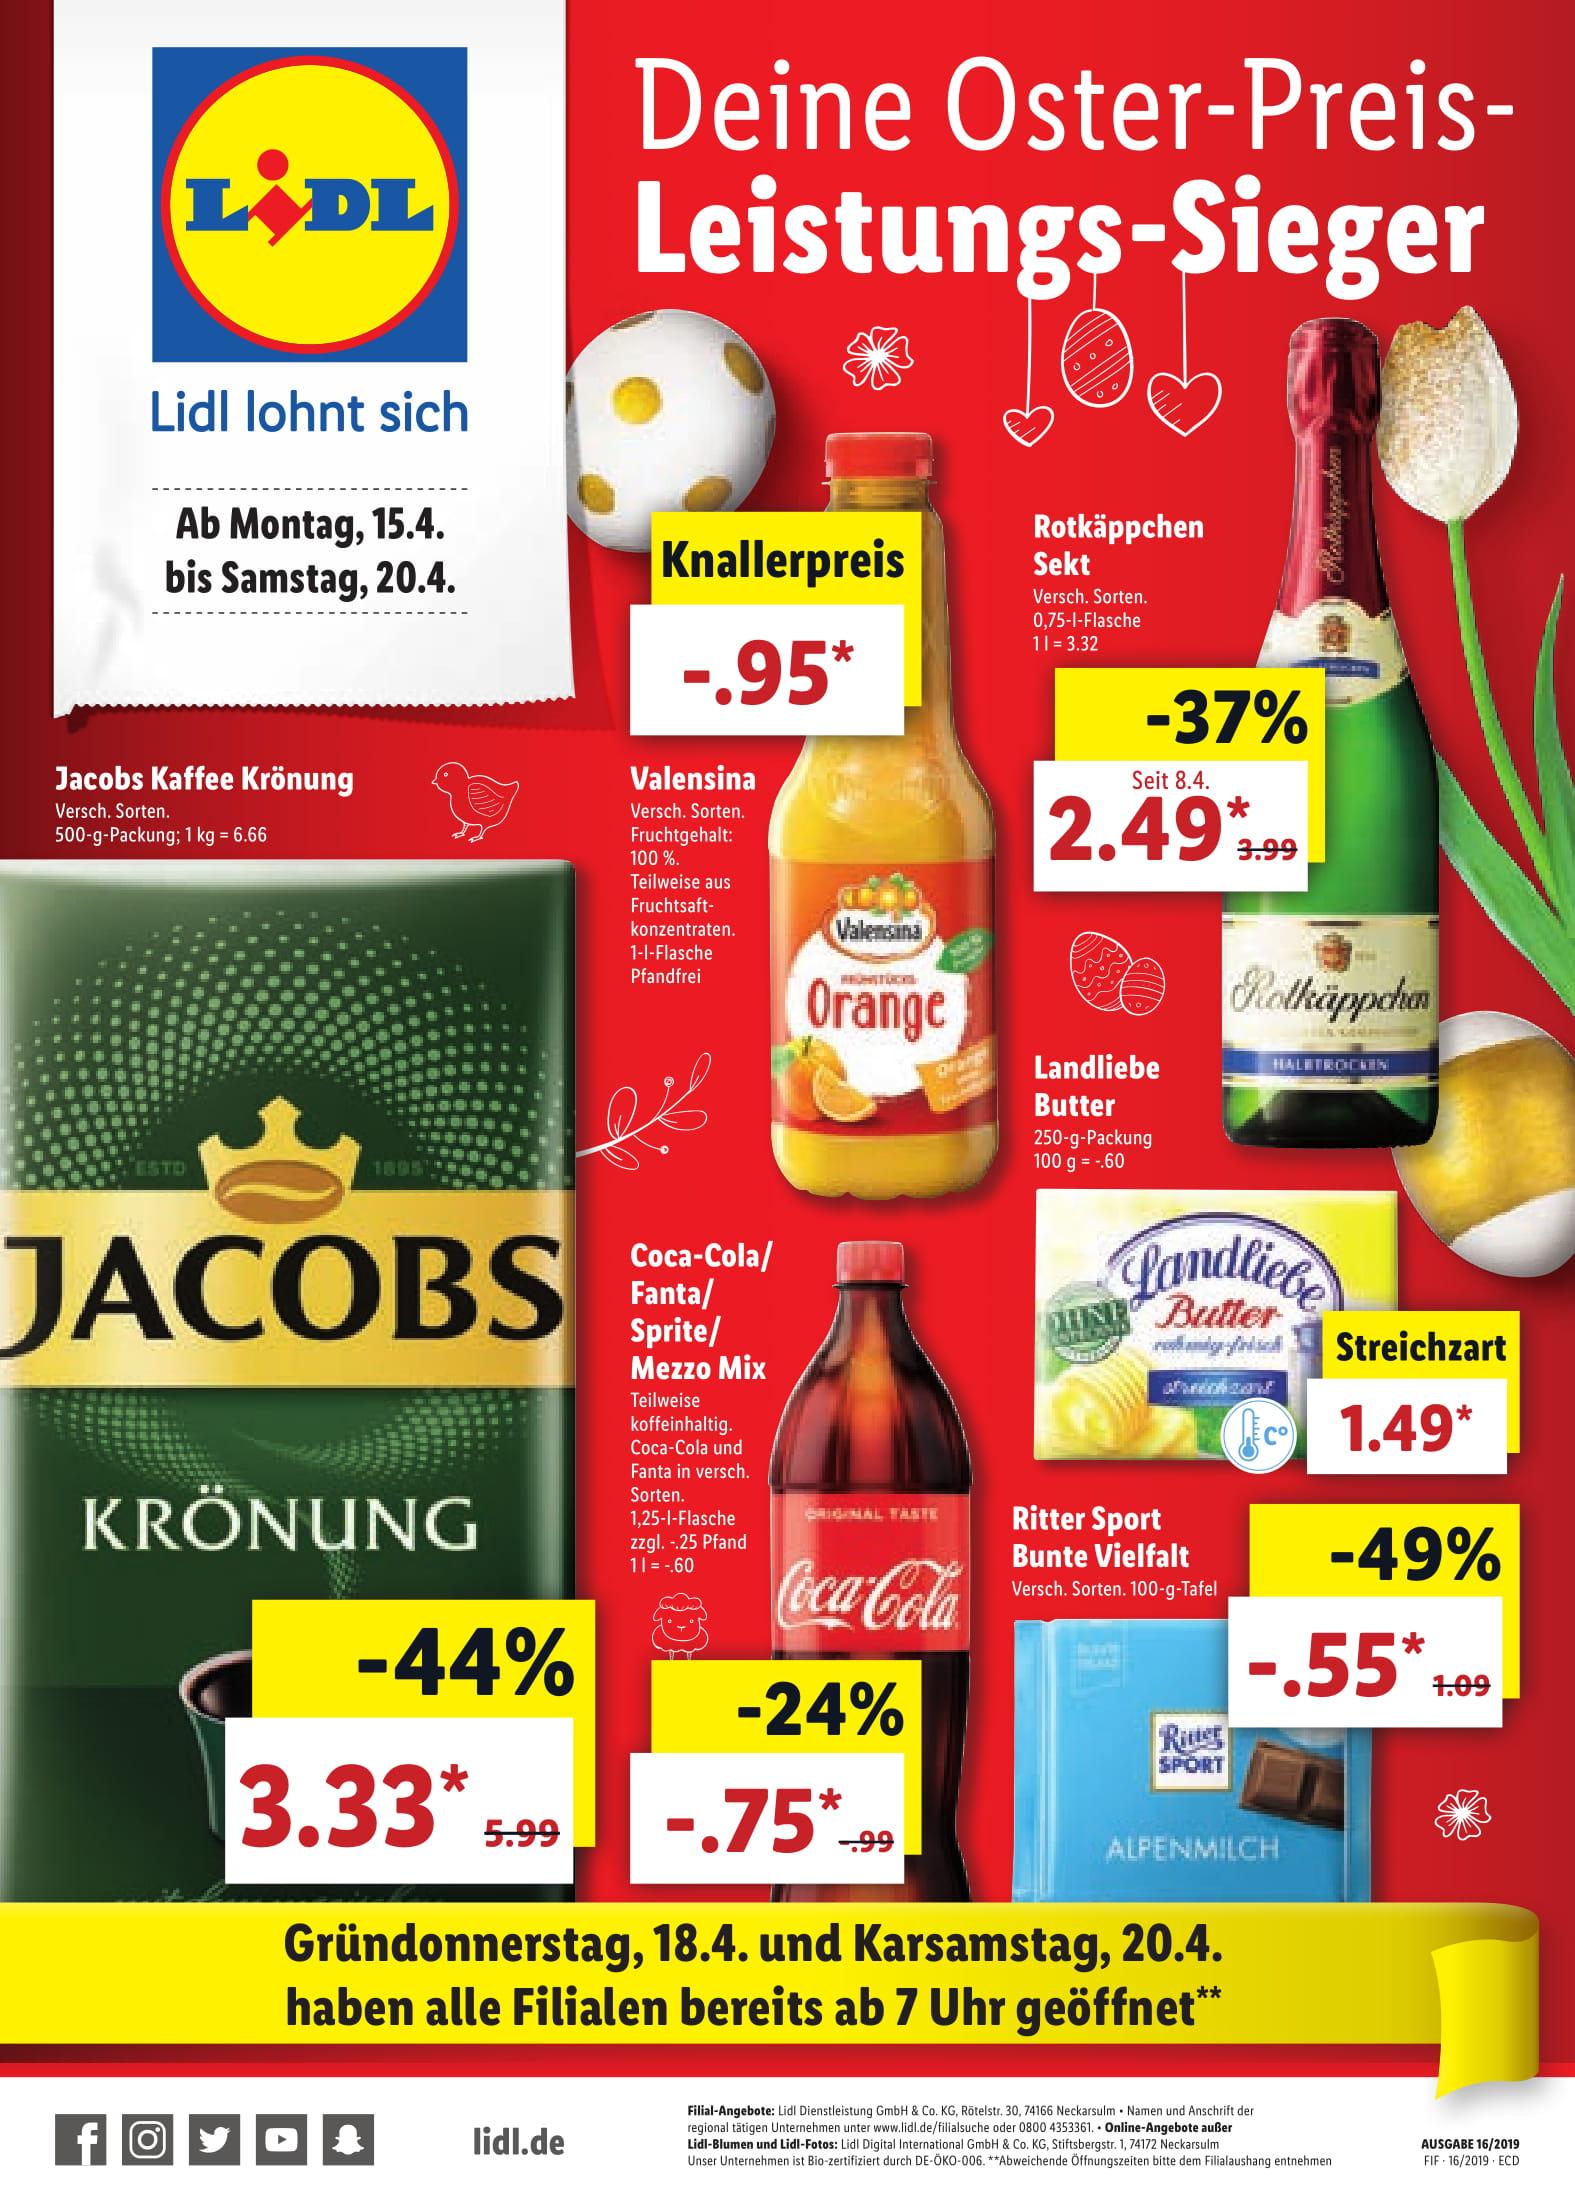 Wochenprospekt-Unsere-Angebote-der-Woche-02-01